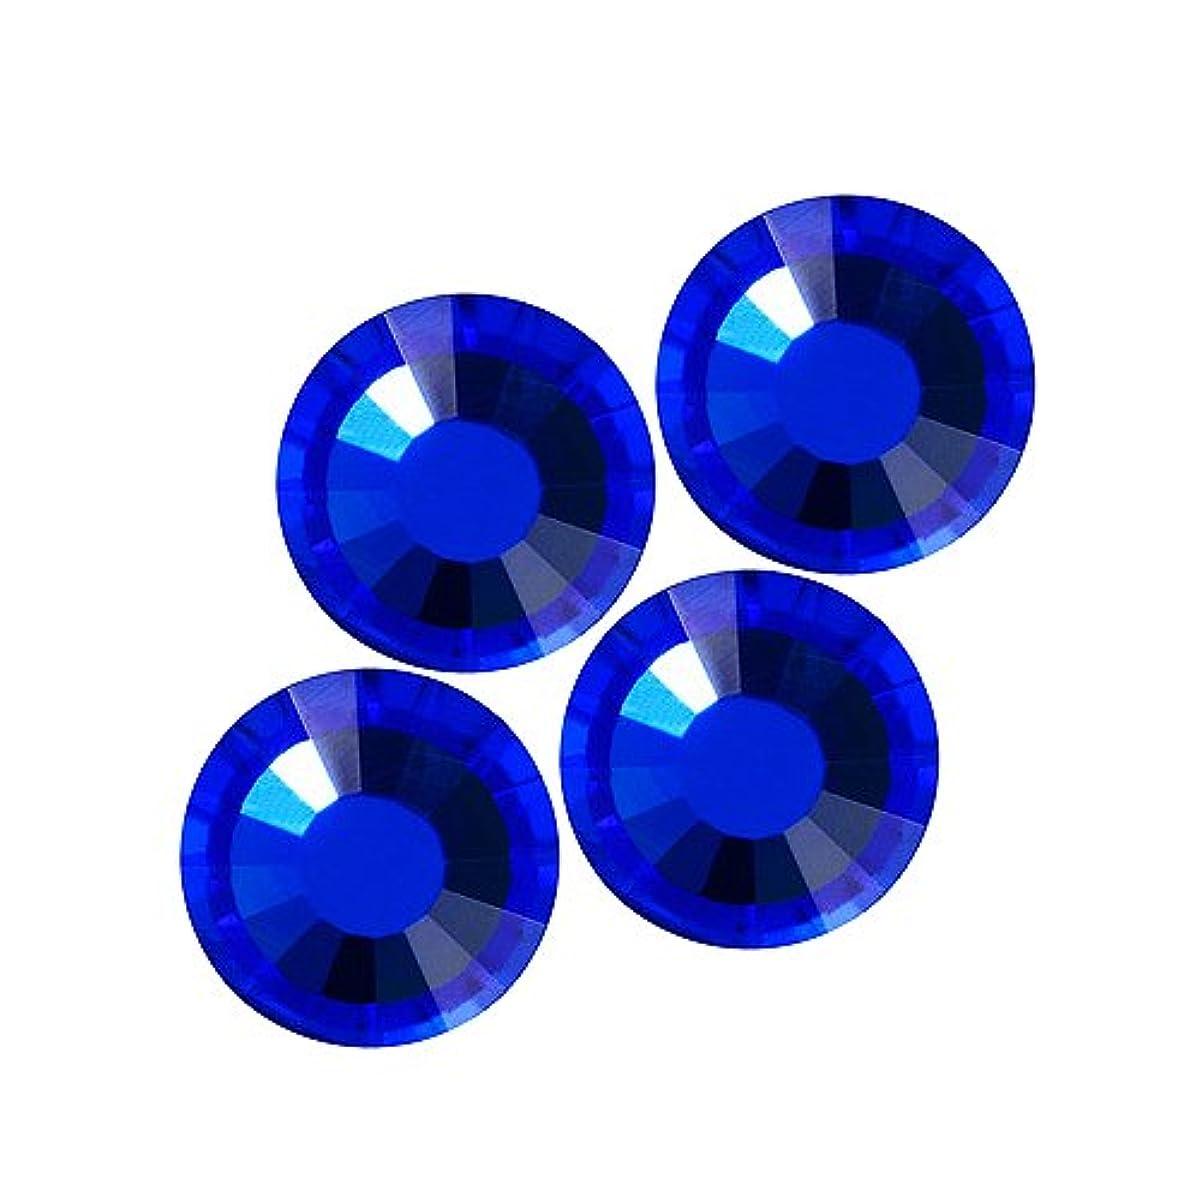 頂点軌道ルームバイナル DIAMOND RHINESTONE カプリブルー SS20 720粒 ST-SS20-CBU-5G